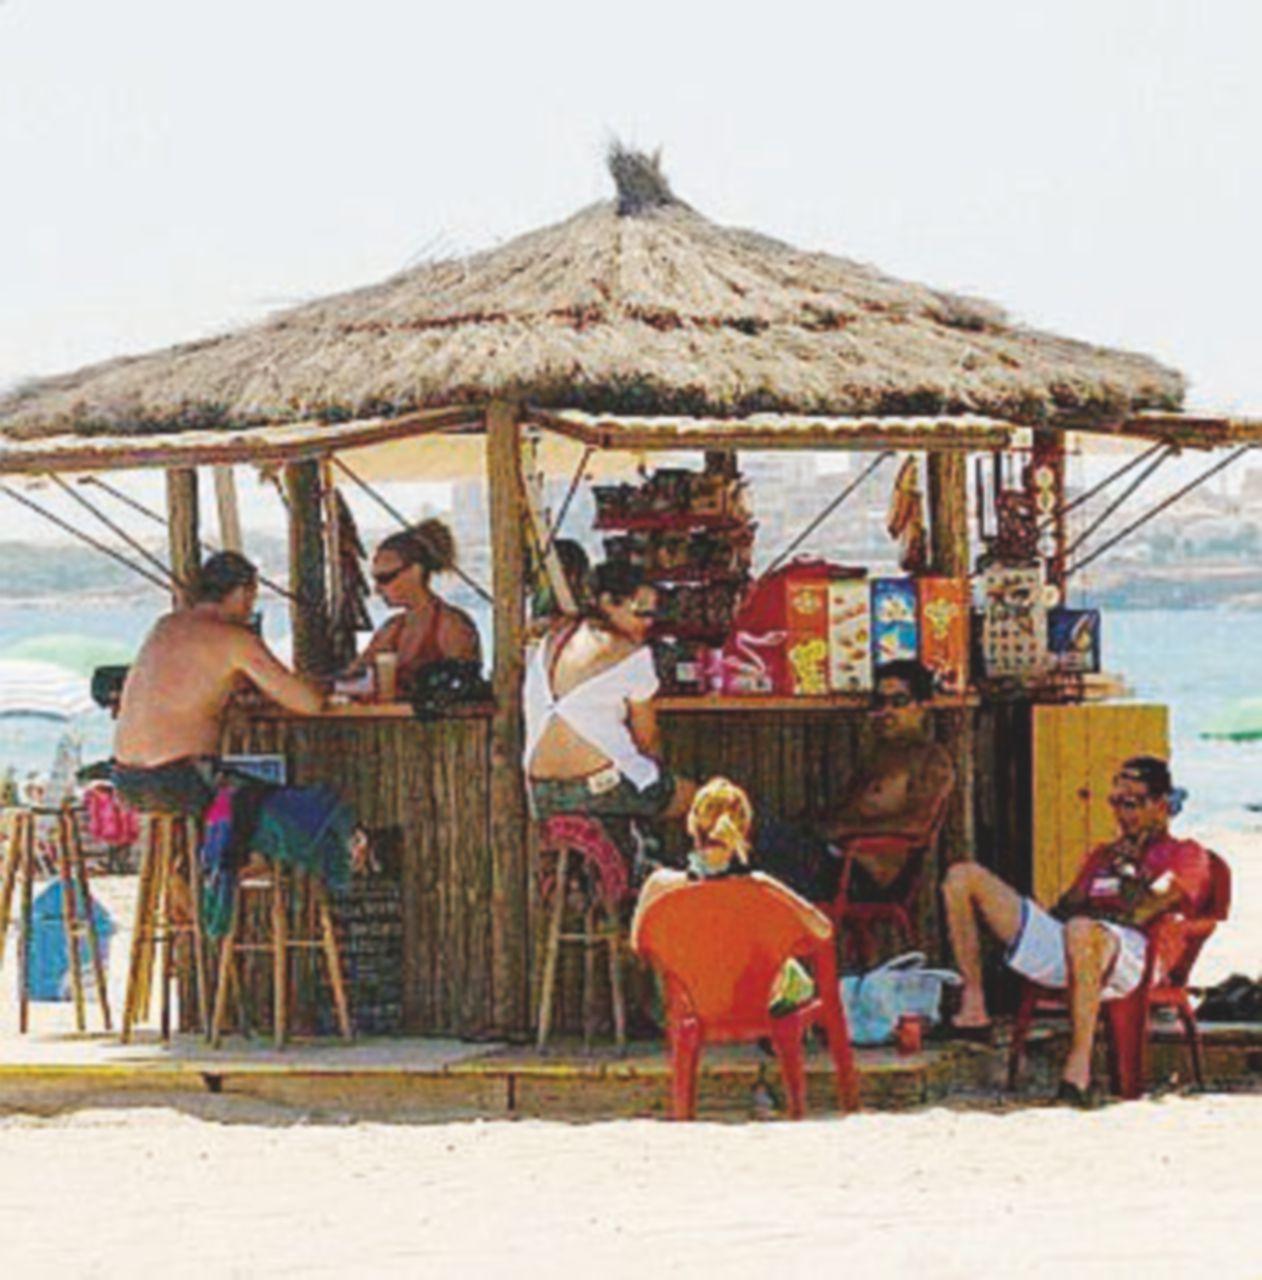 L'invasione di chiringuiti on the beach, on the street